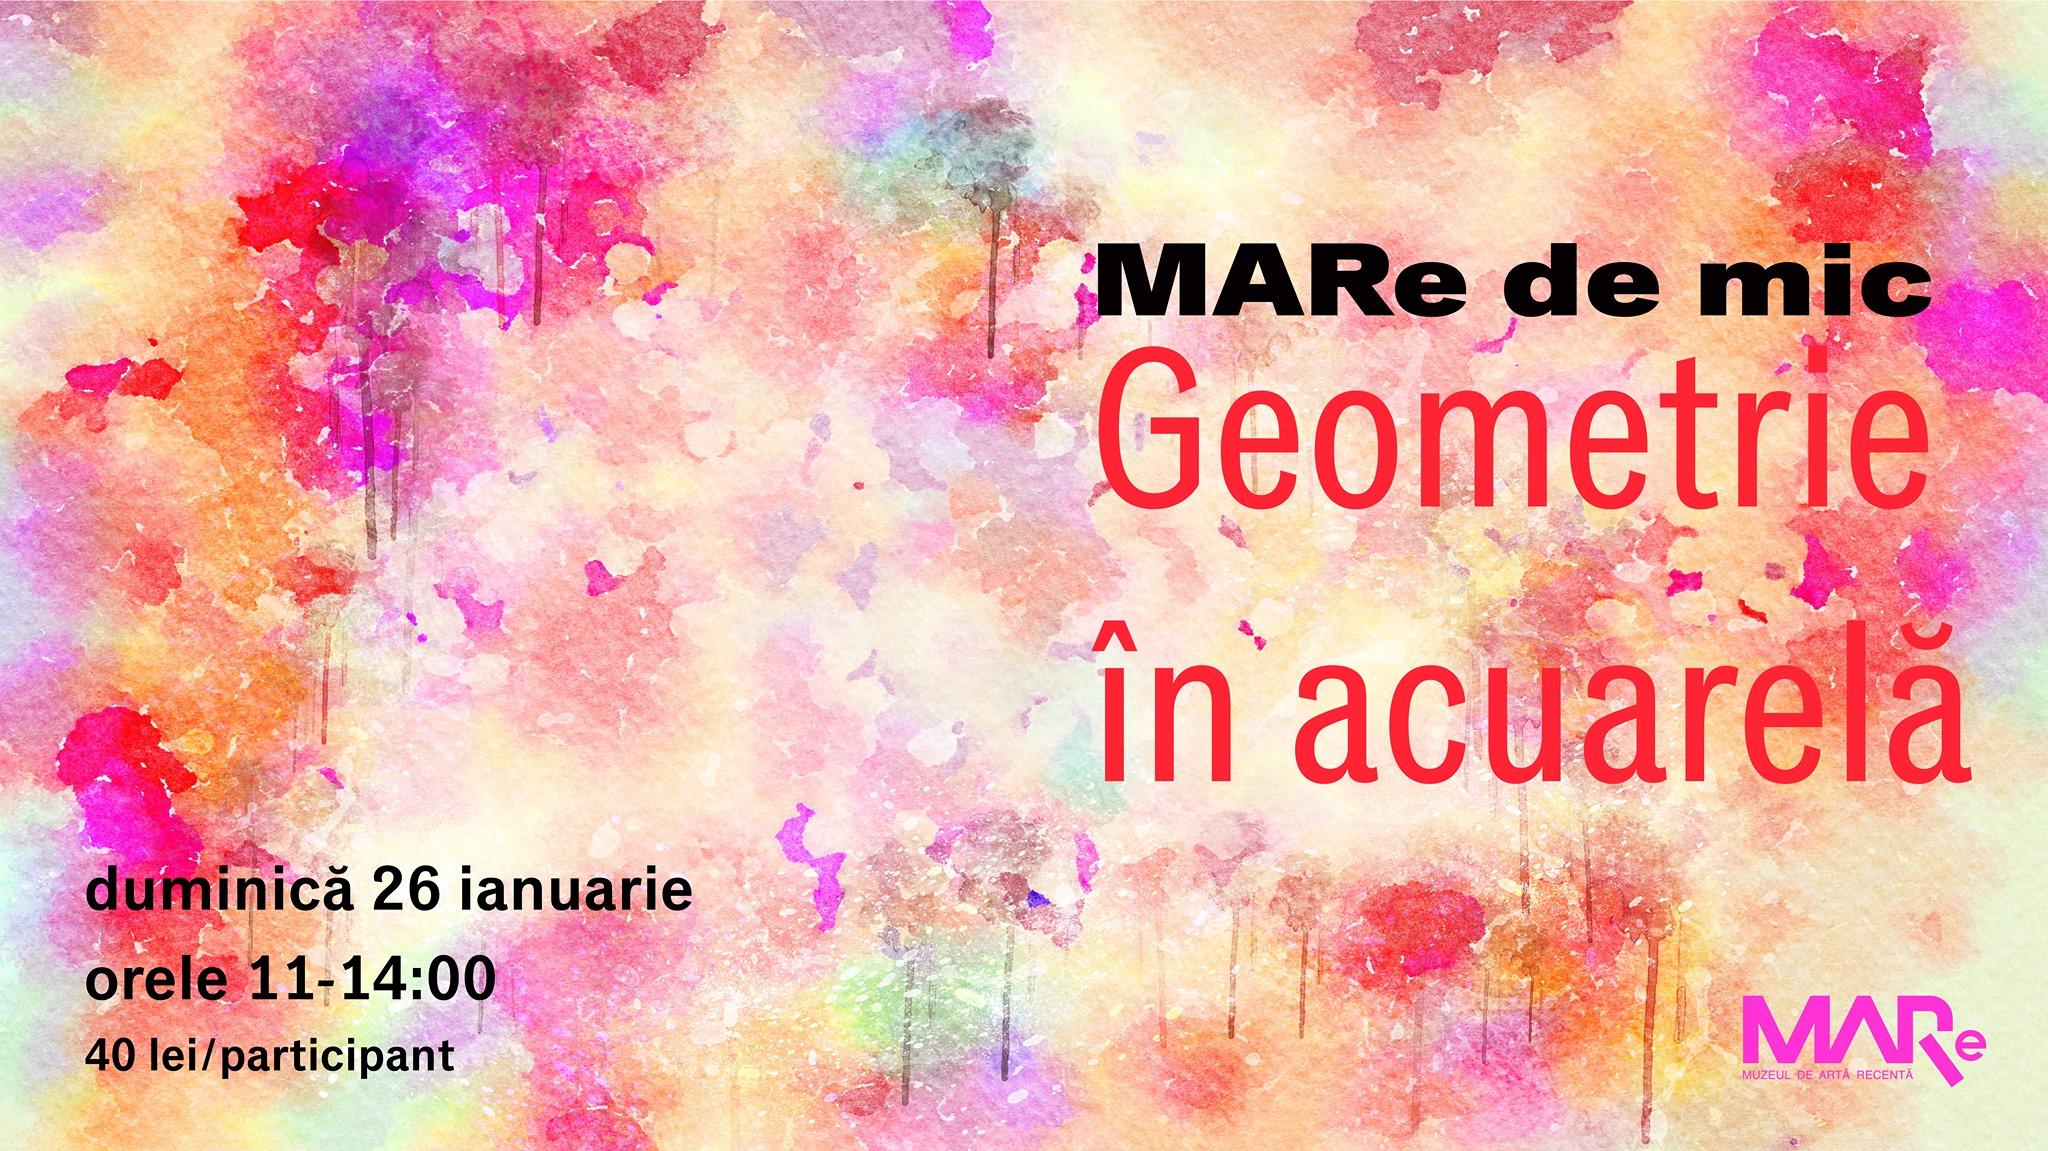 MARe de MIC. Geometrie în acuarelă